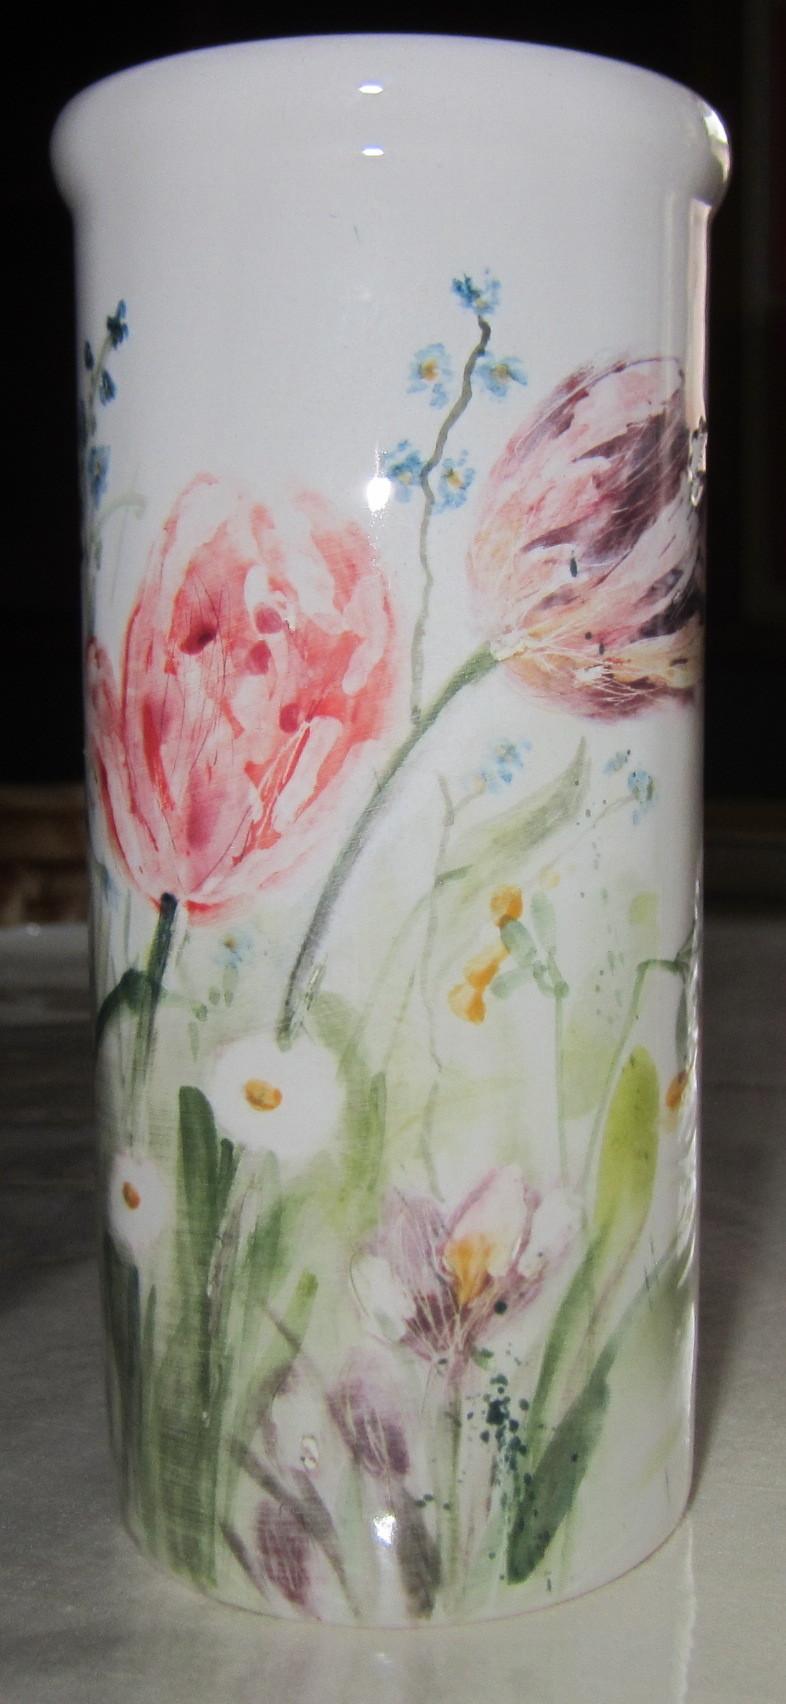 bild keramik vase tulpen fr hling von margarethe meixner bei kunstnet. Black Bedroom Furniture Sets. Home Design Ideas